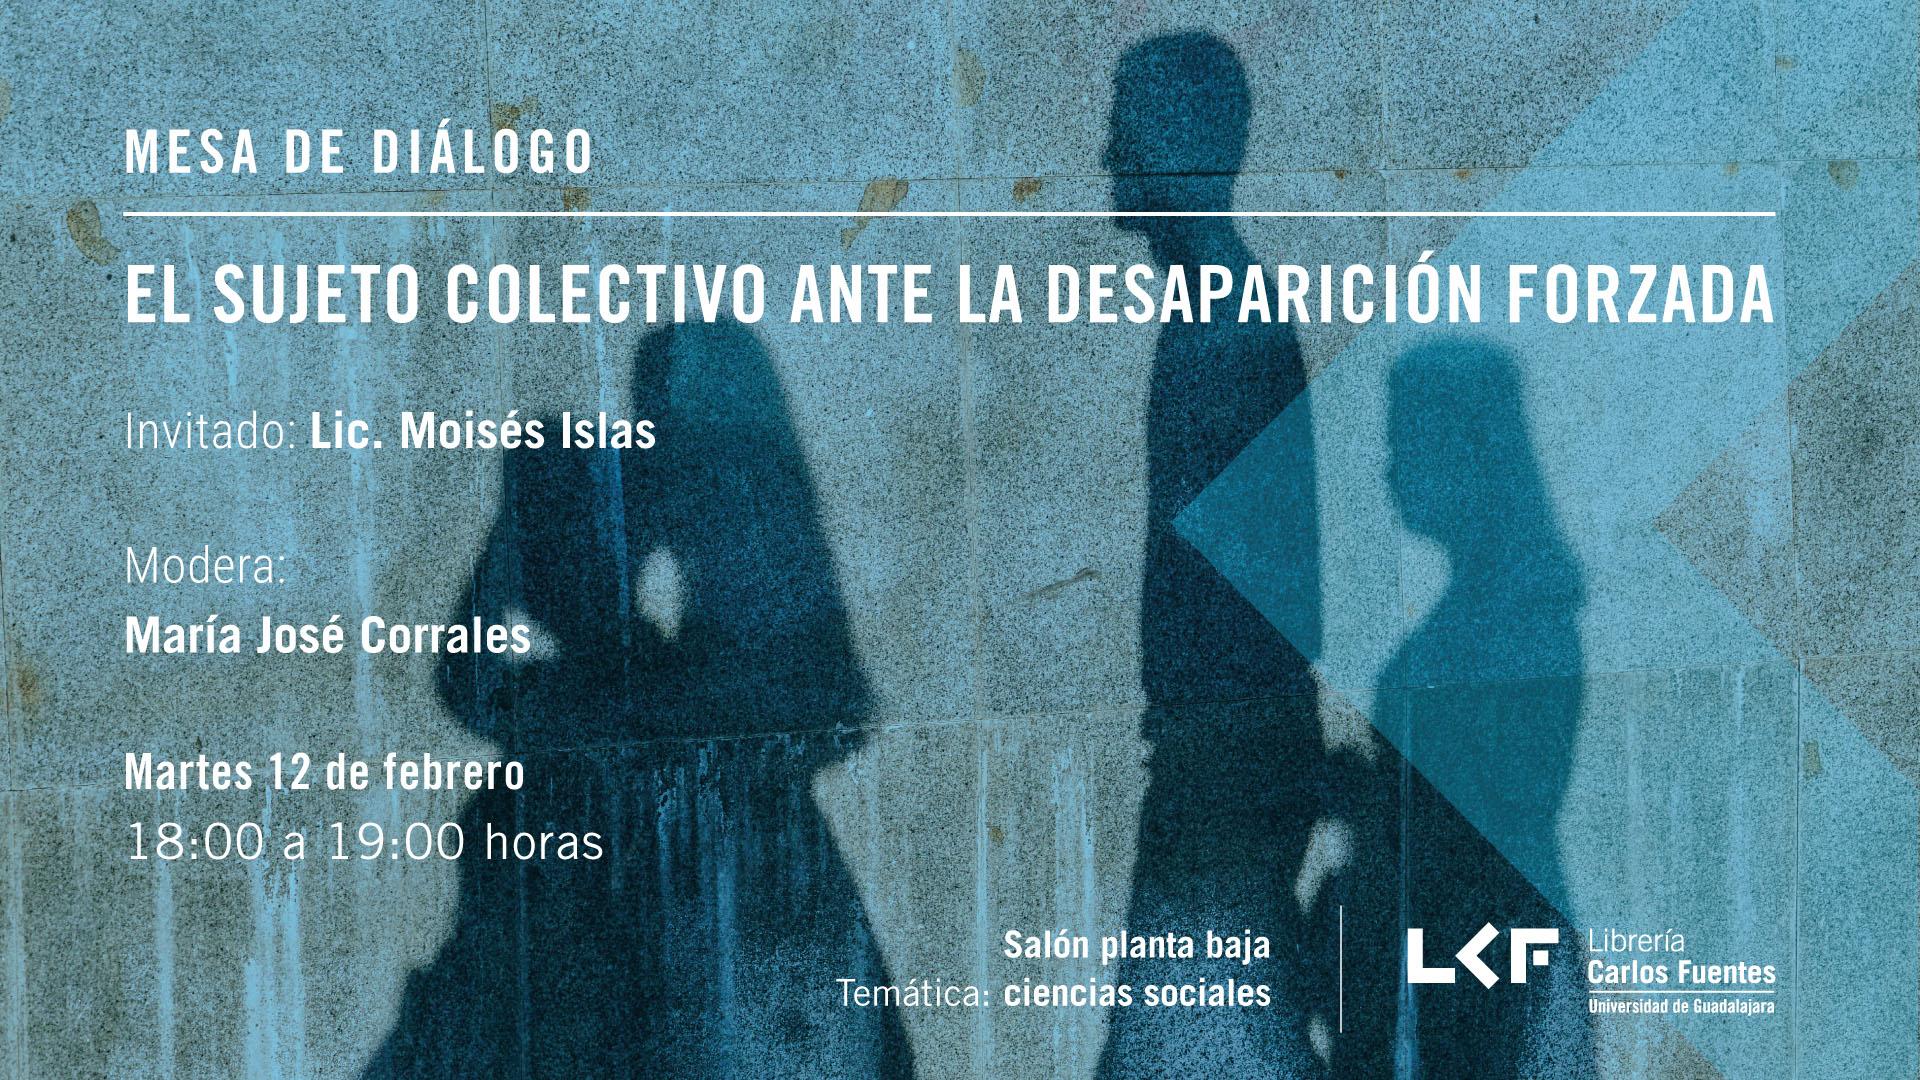 Cartel informativo sobre la Mesa de diálogo: El sujeto colectivo ante la desaparición forzada, el 12 de febrero, de 18:00 a 19:00 h. en el Salón planta baja, Librería Carlos Fuentes.